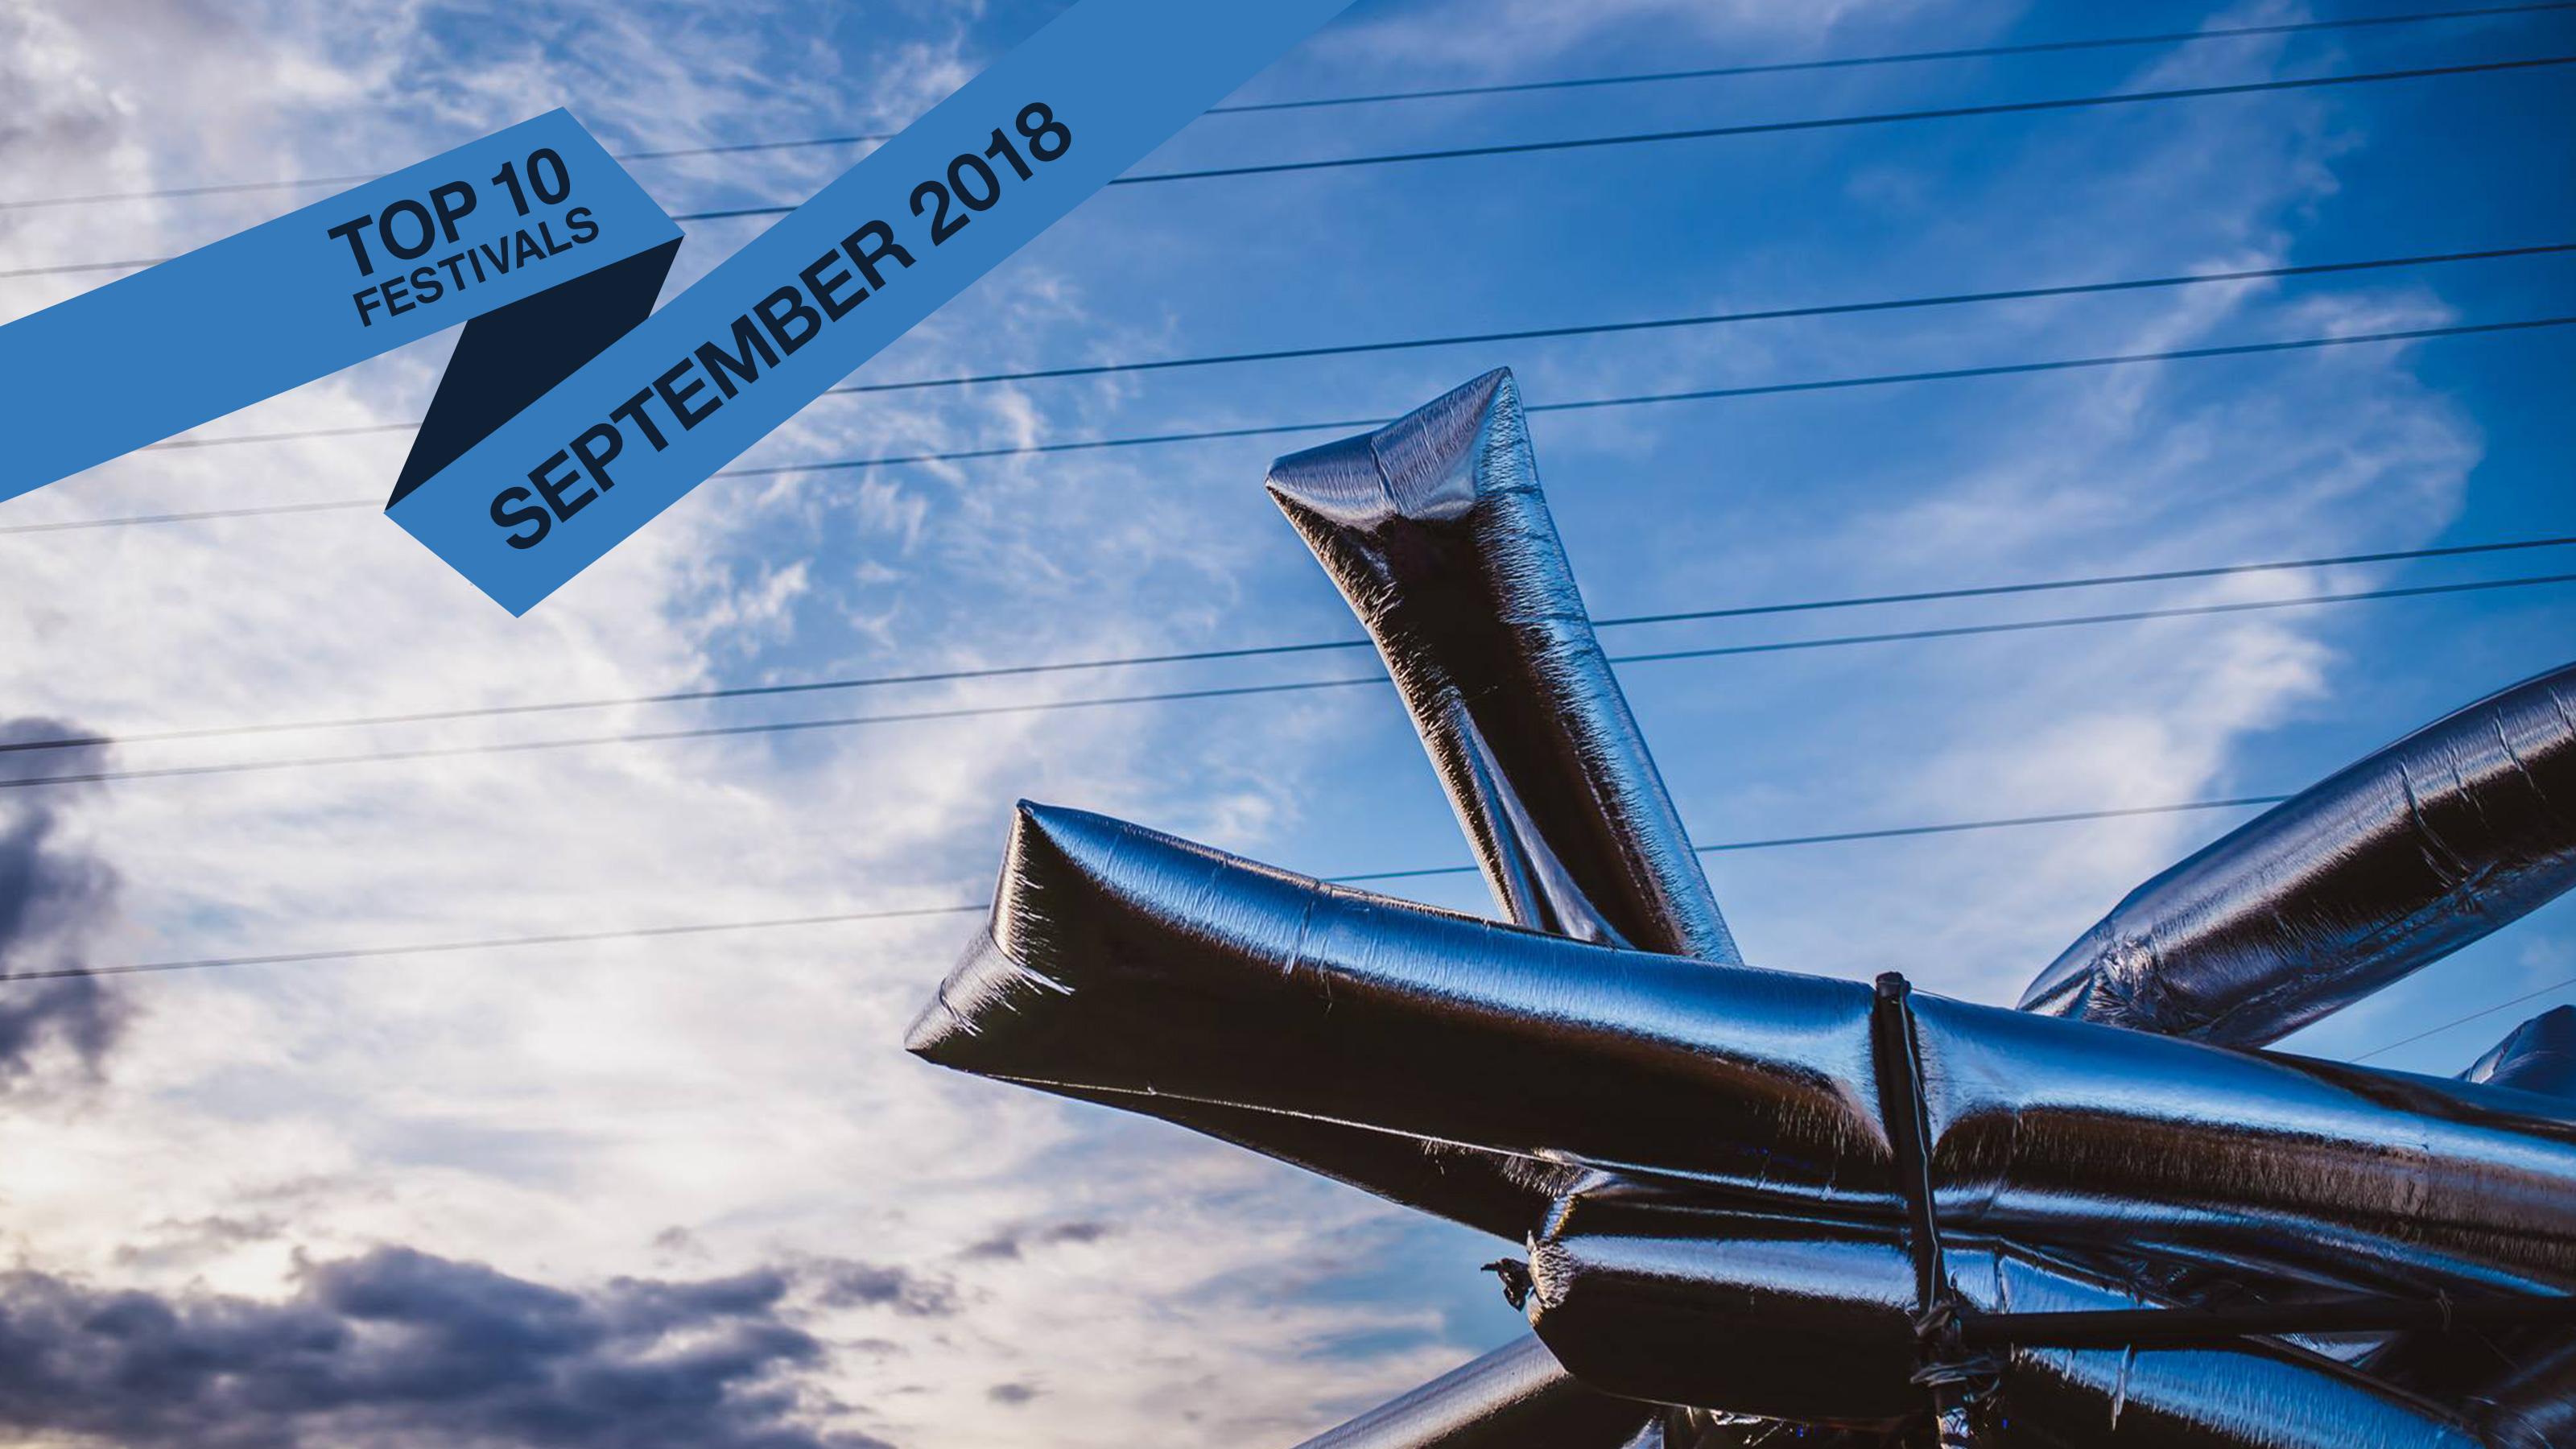 Top 10 September 2018 Festivals